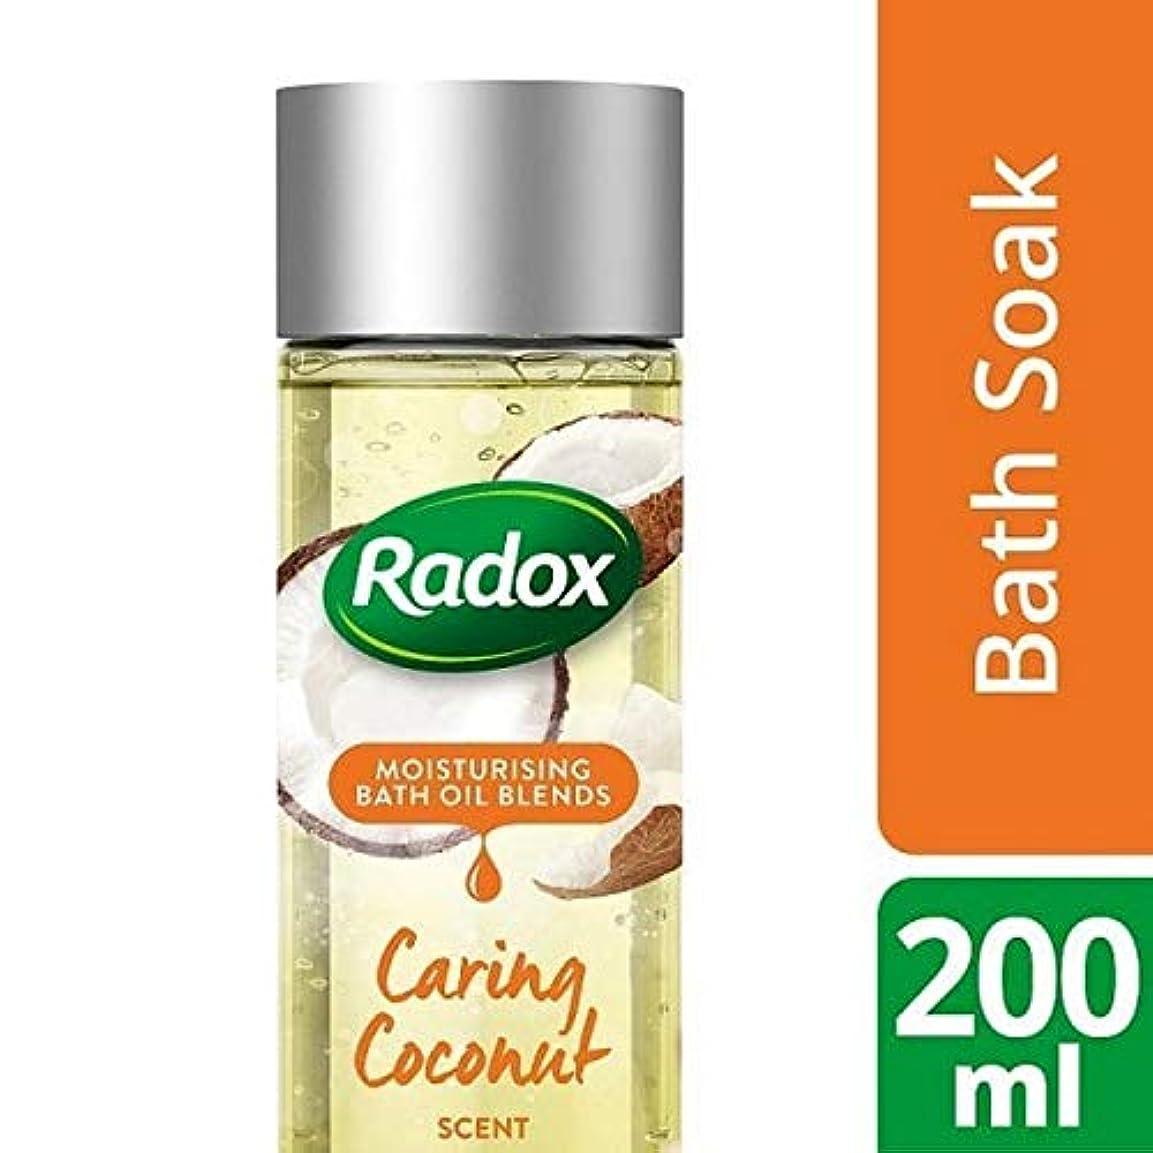 [Radox] Radoxのバスオイル思いやりのあるココナッツの香りの200ミリリットル - Radox Bath Oil Caring Coconut Scent 200ml [並行輸入品]